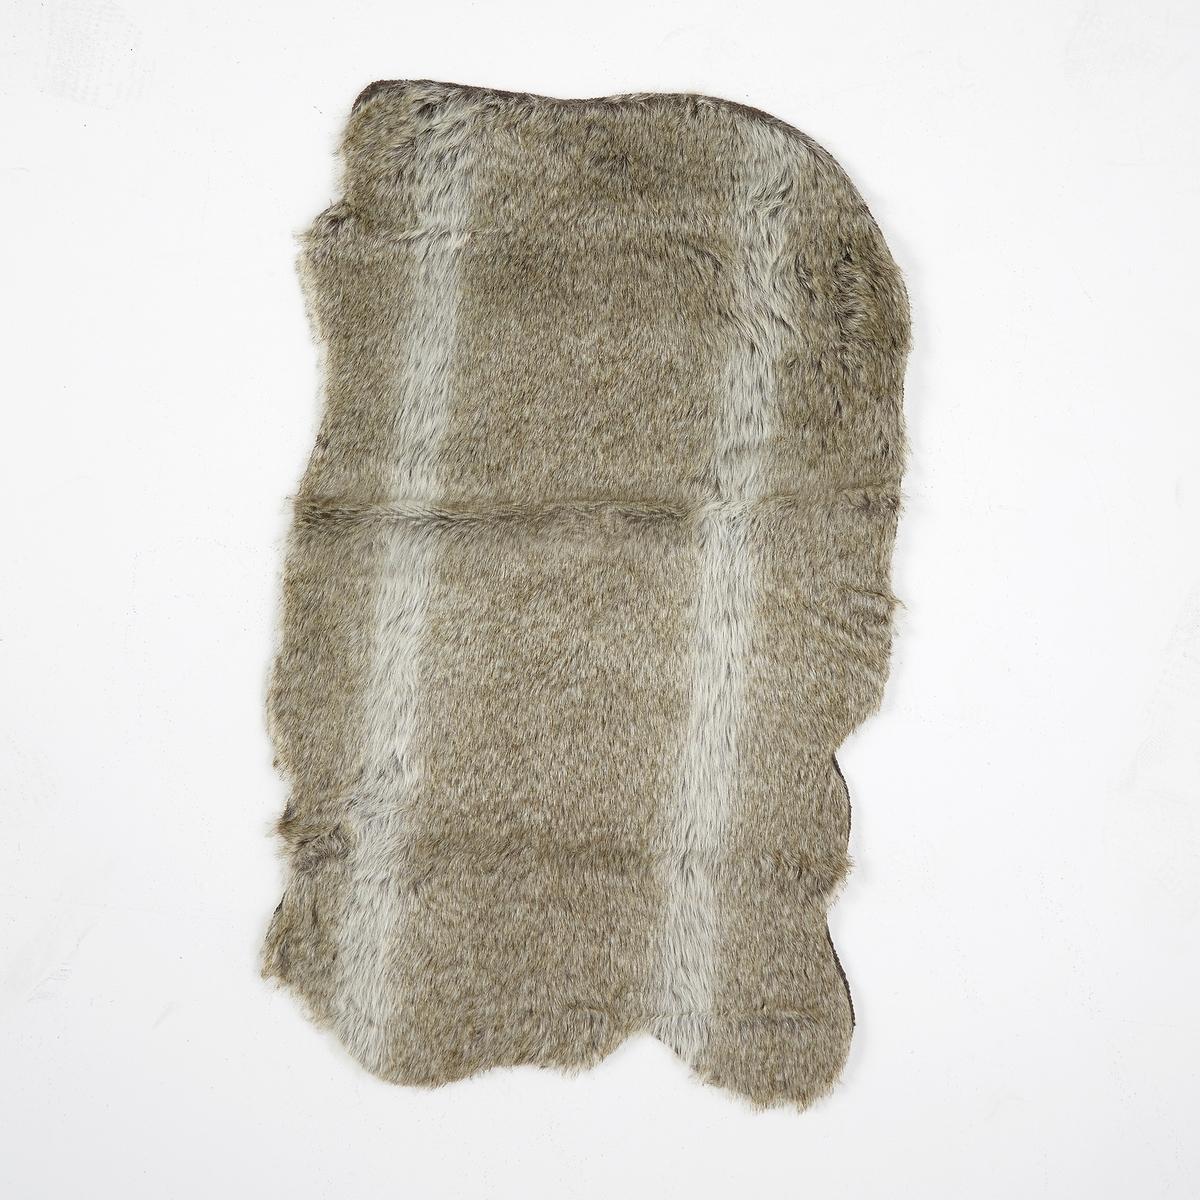 Прикроватный коврик под шкуру волка, Wulpi